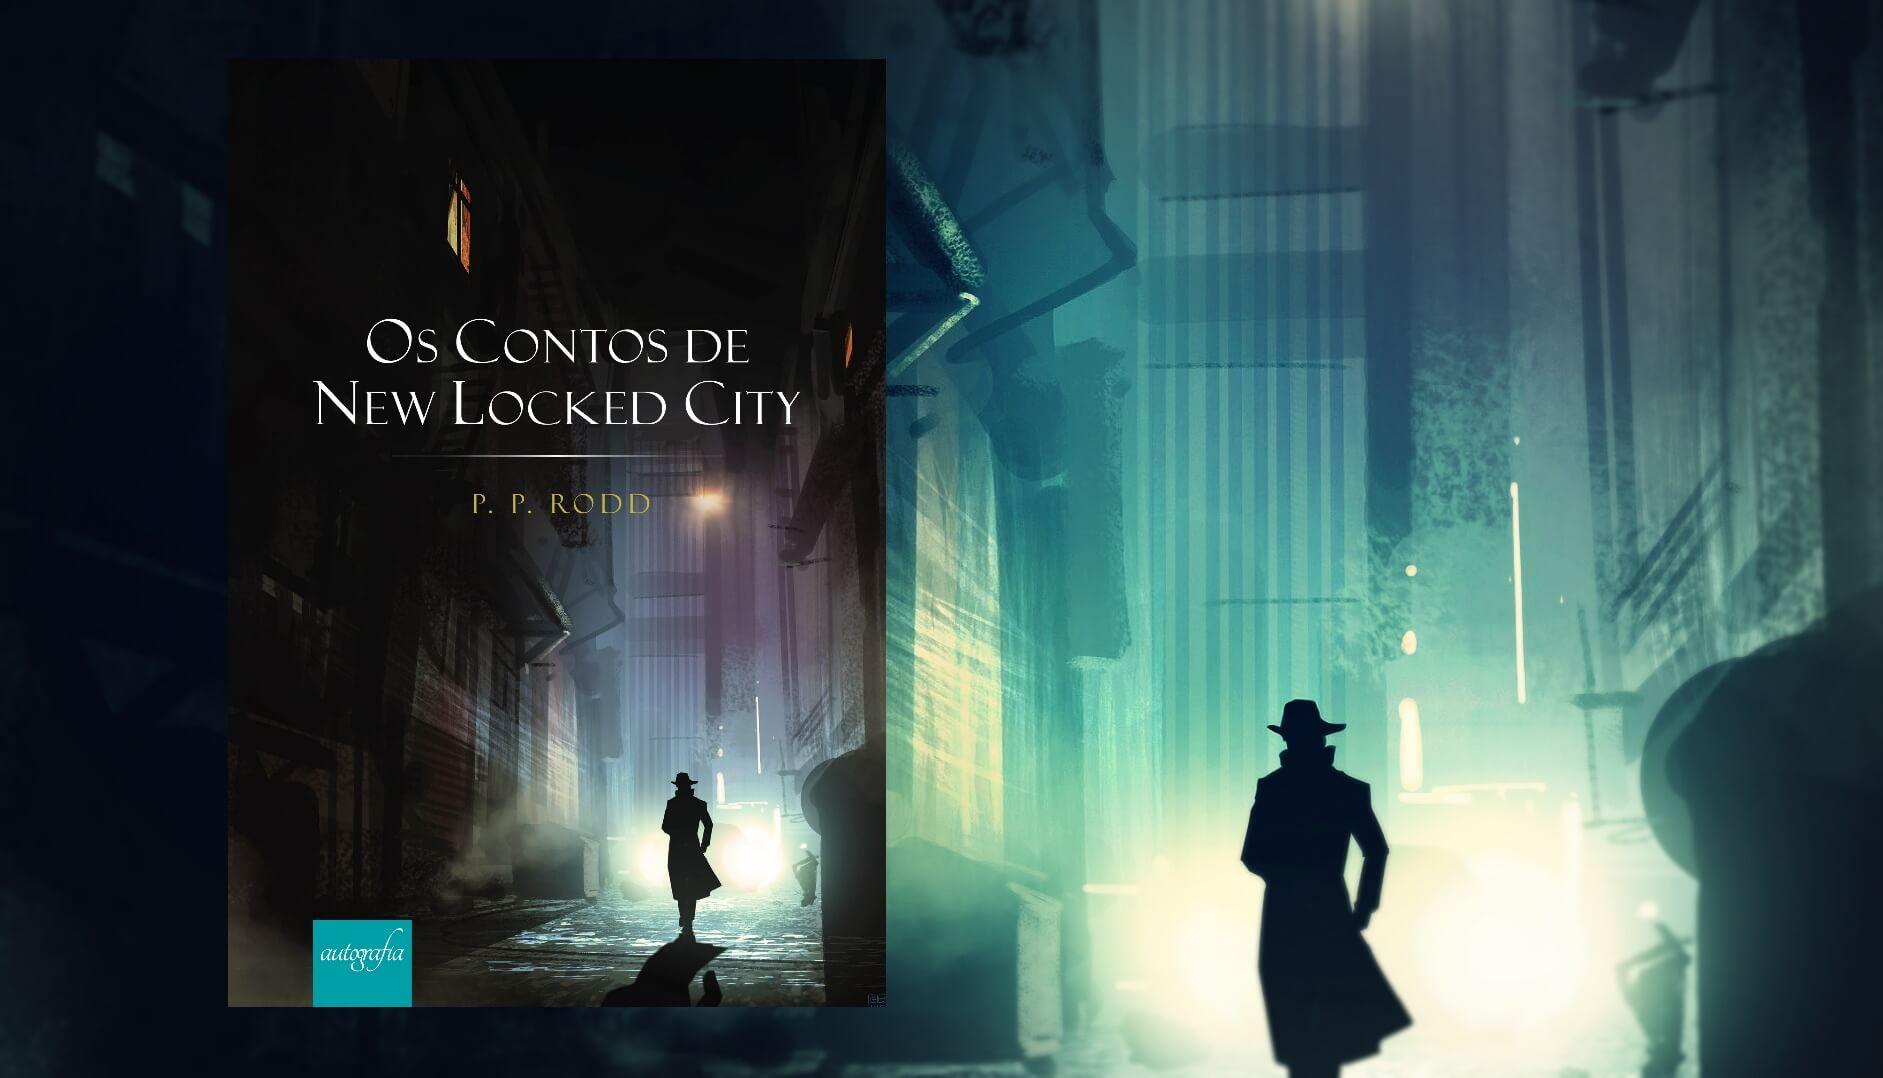 P. P. Rodd lança ficção policial pela Editora Autografia